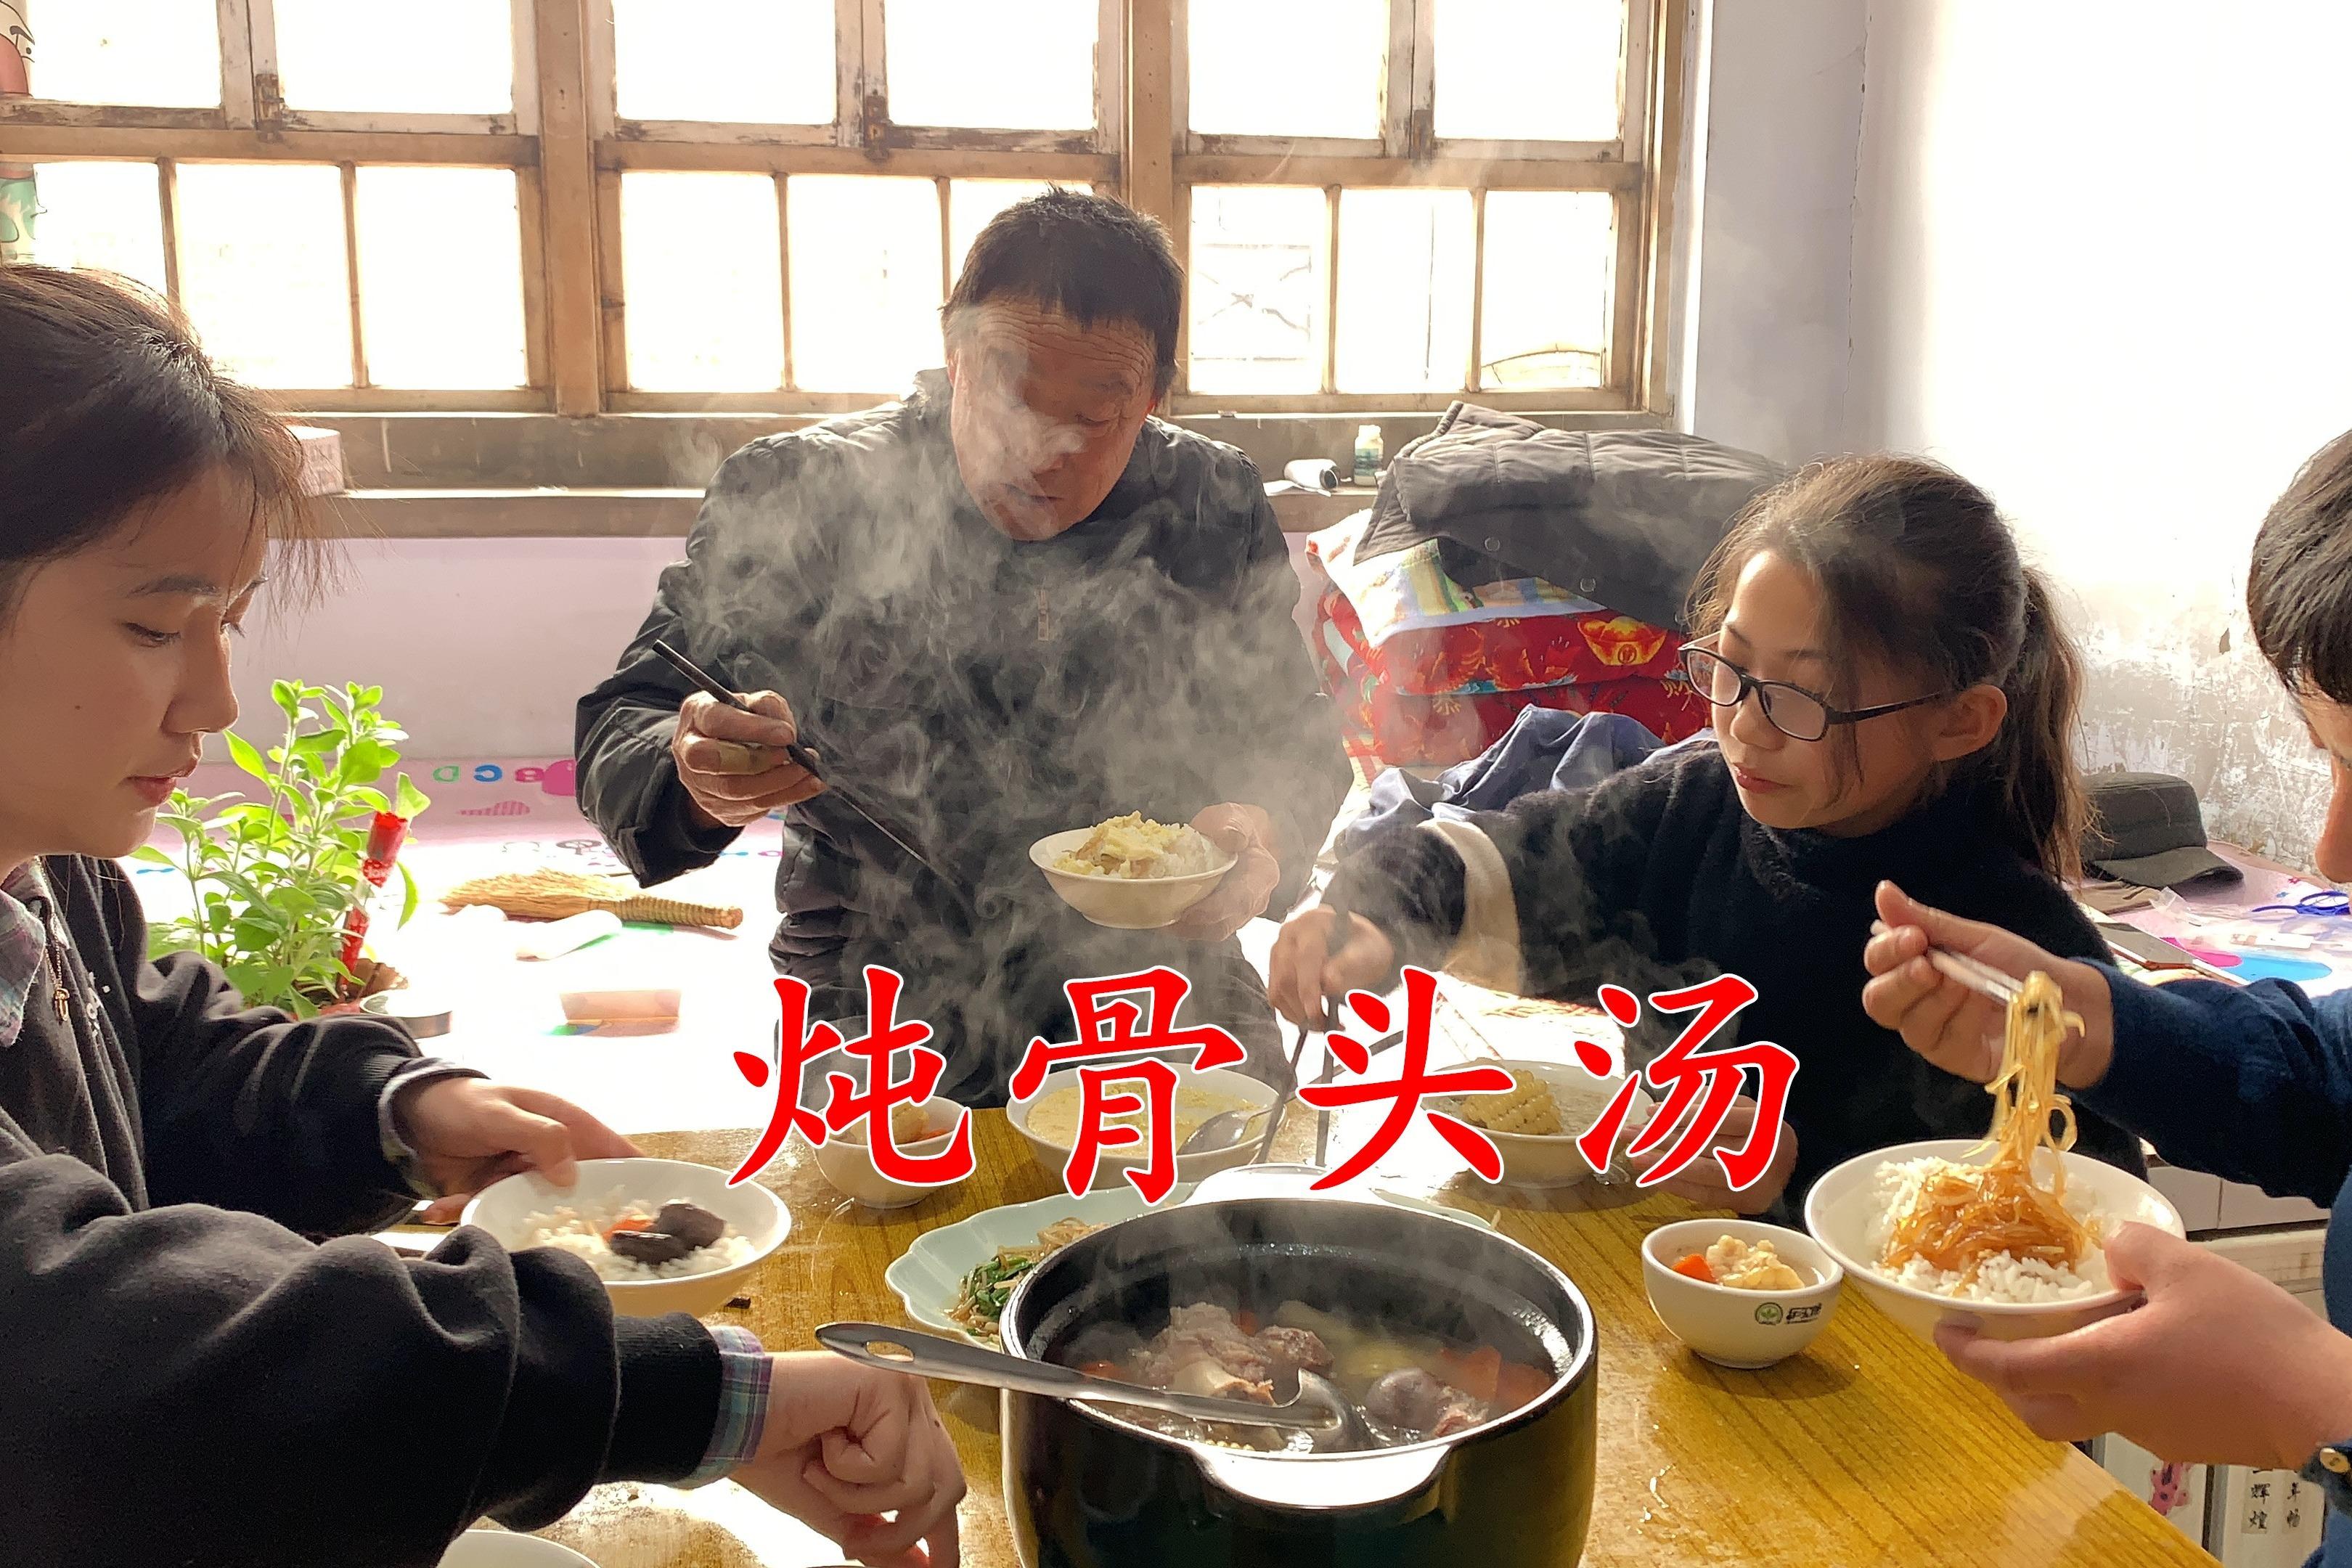 过年鱼肉吃腻了,2根骨头炖1锅汤,搭配1盘豆芽炒粉条,营养清淡